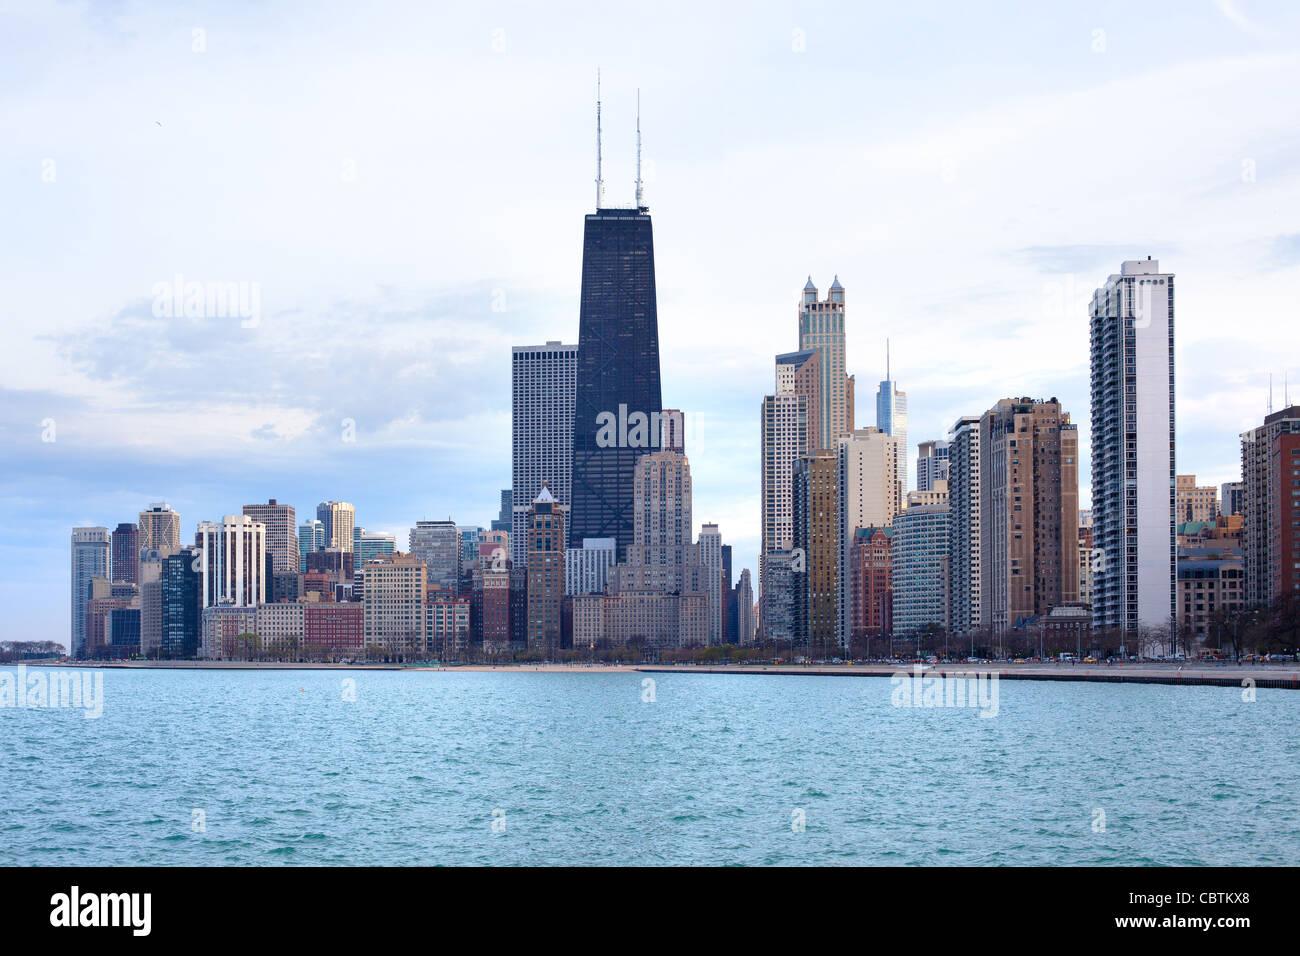 Perfil del centro de la ciudad, Chicago, Illinois, EE.UU. Imagen De Stock